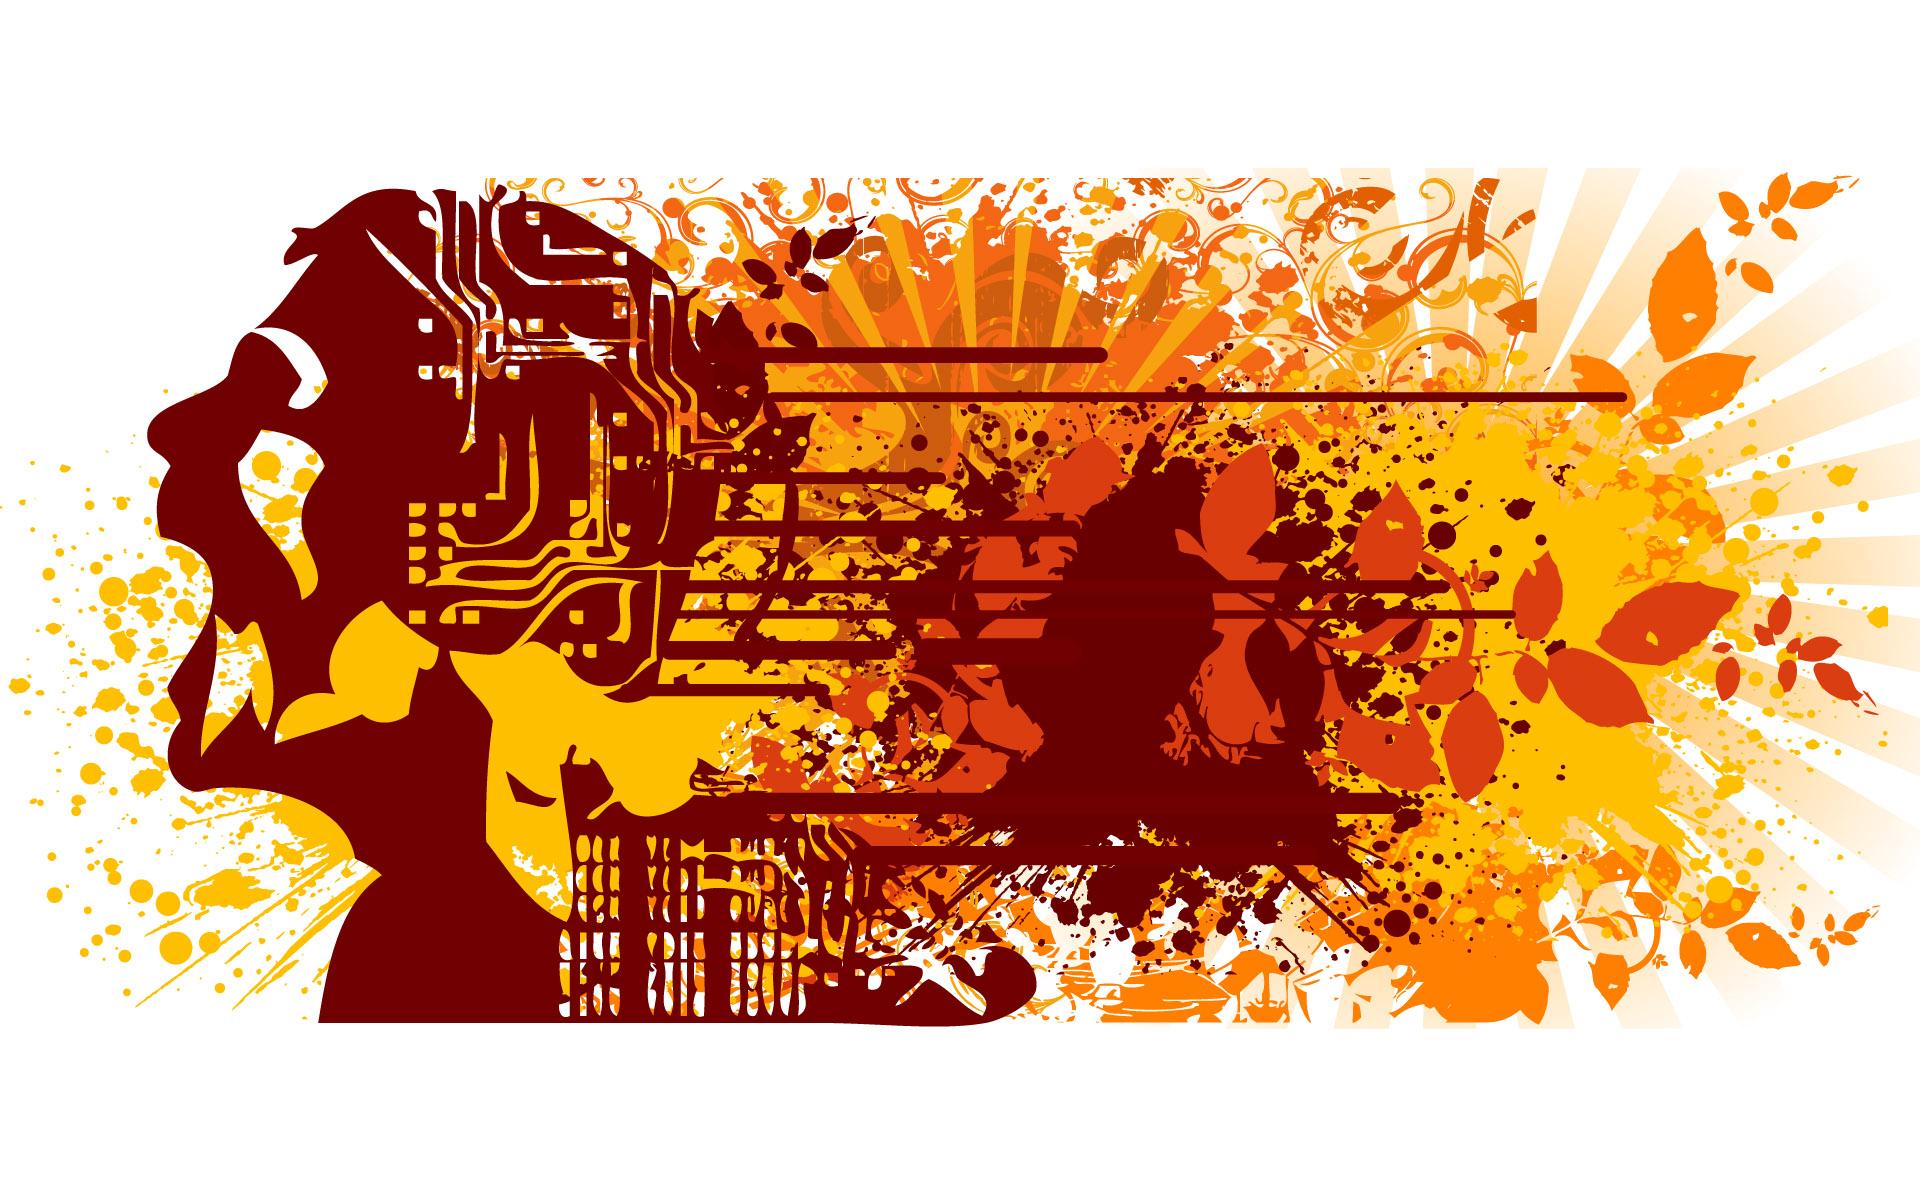 壁纸1920×1200矢量剪影人物 1 4壁纸 矢量其他 矢量剪影人物 第一辑壁纸图片矢量壁纸矢量图片素材桌面壁纸